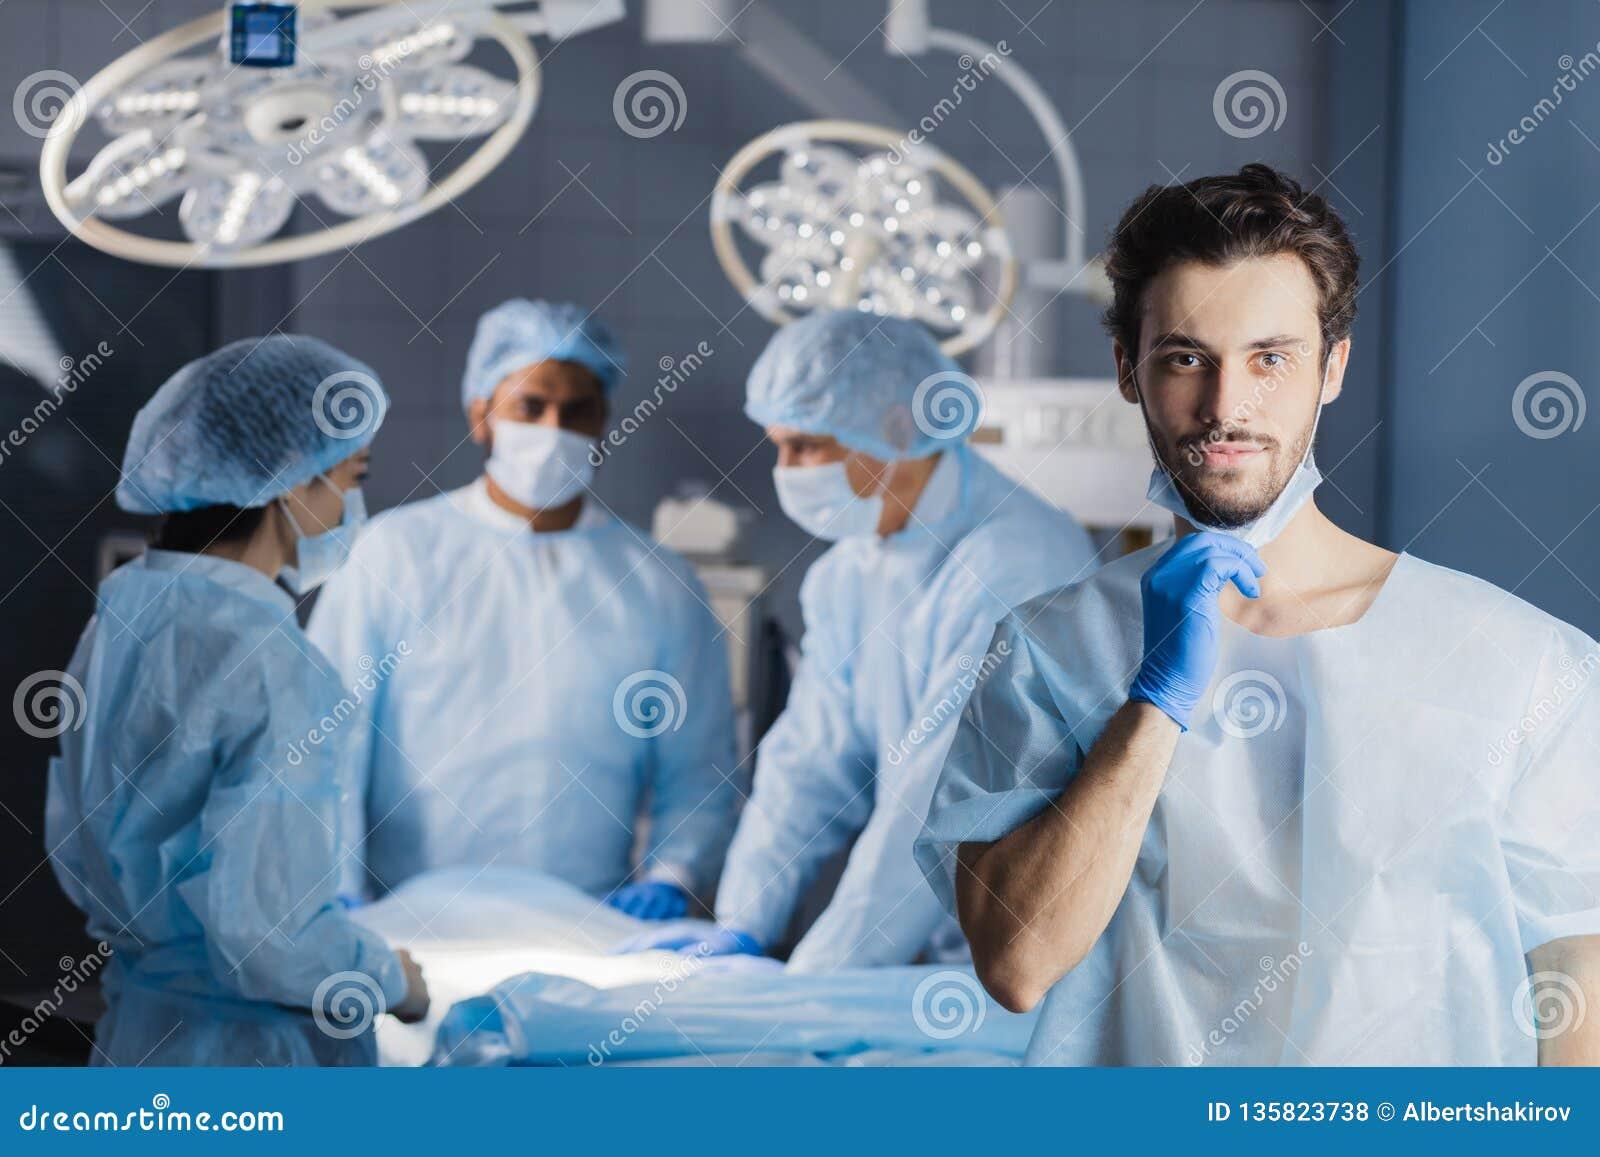 Χειρούργος που εξετάζει τη κάμερα με τους συναδέλφους